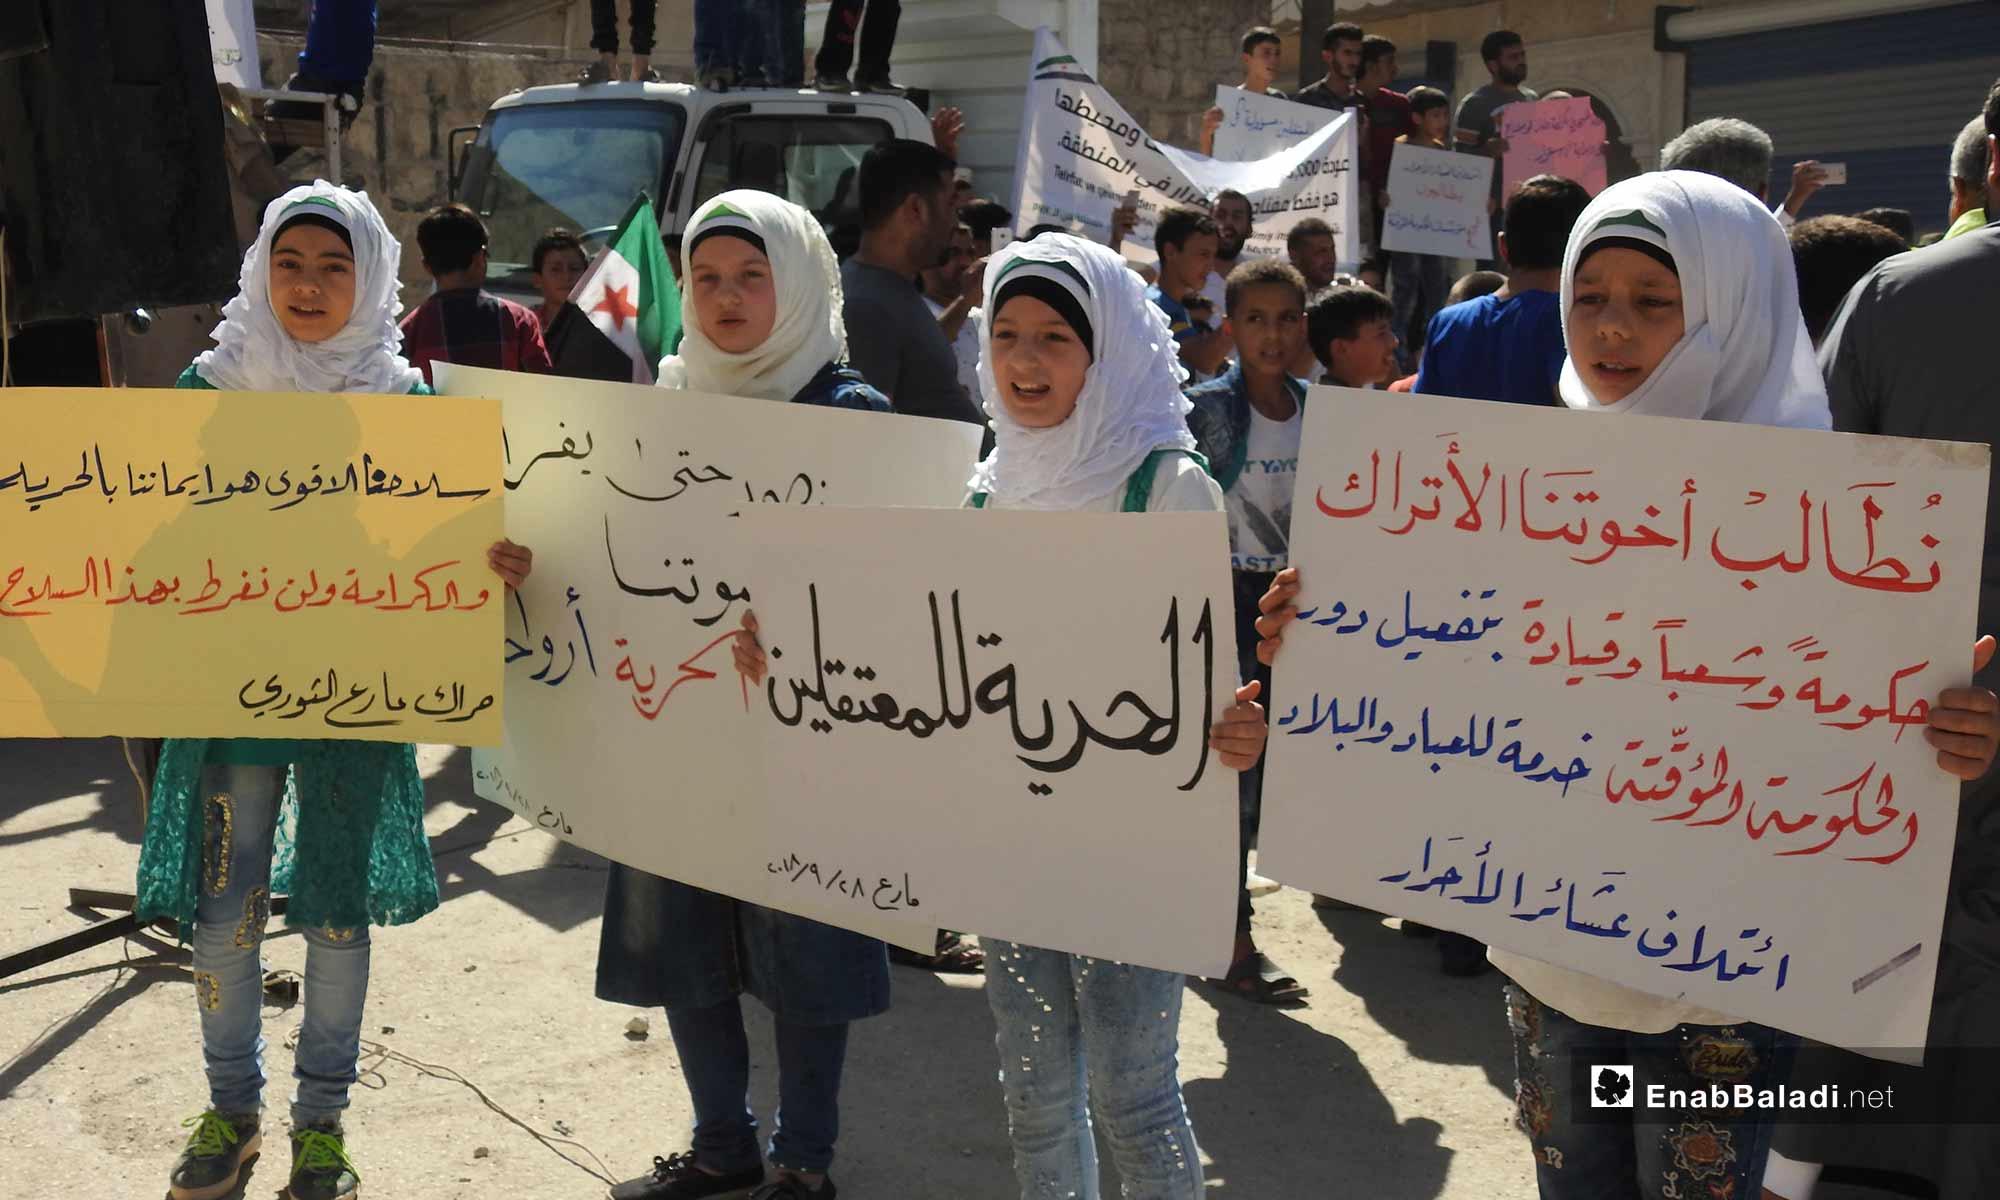 مظاهرات في ريف حلب تطالب بإخراج المعتقلين من سجون النظام - 28 من أيلول 2018 (عنب بلدي)